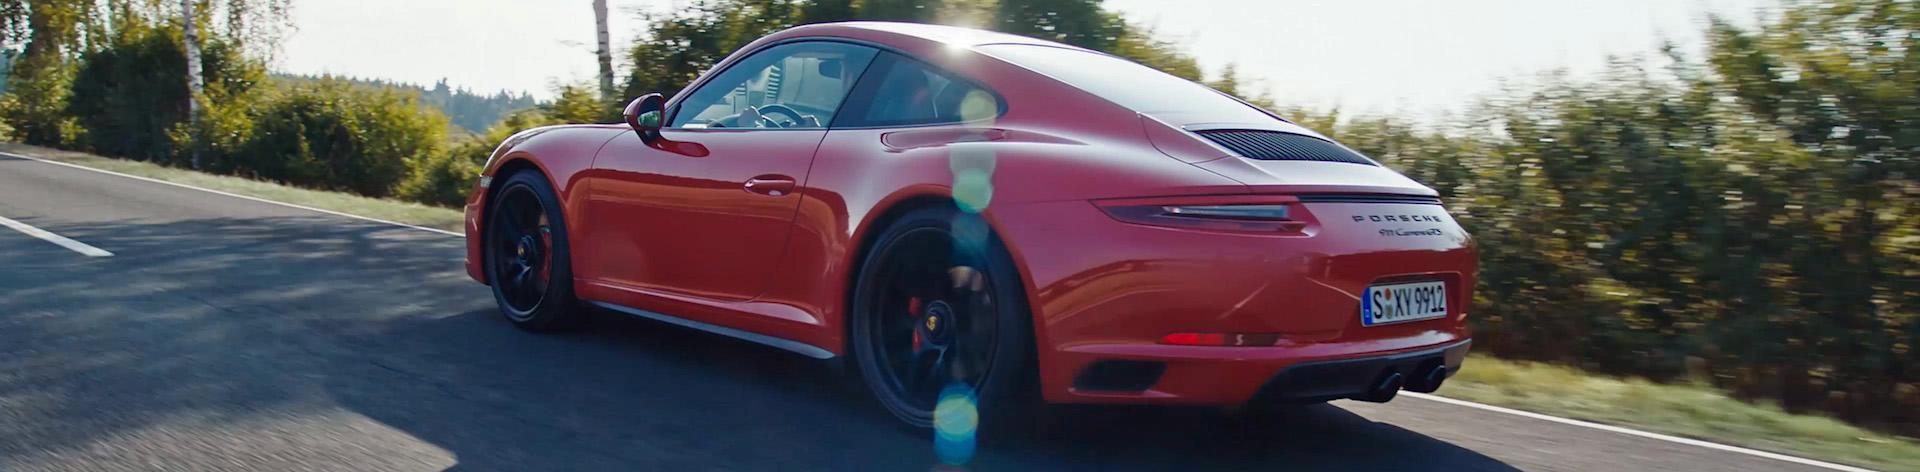 Porsche Video VFX